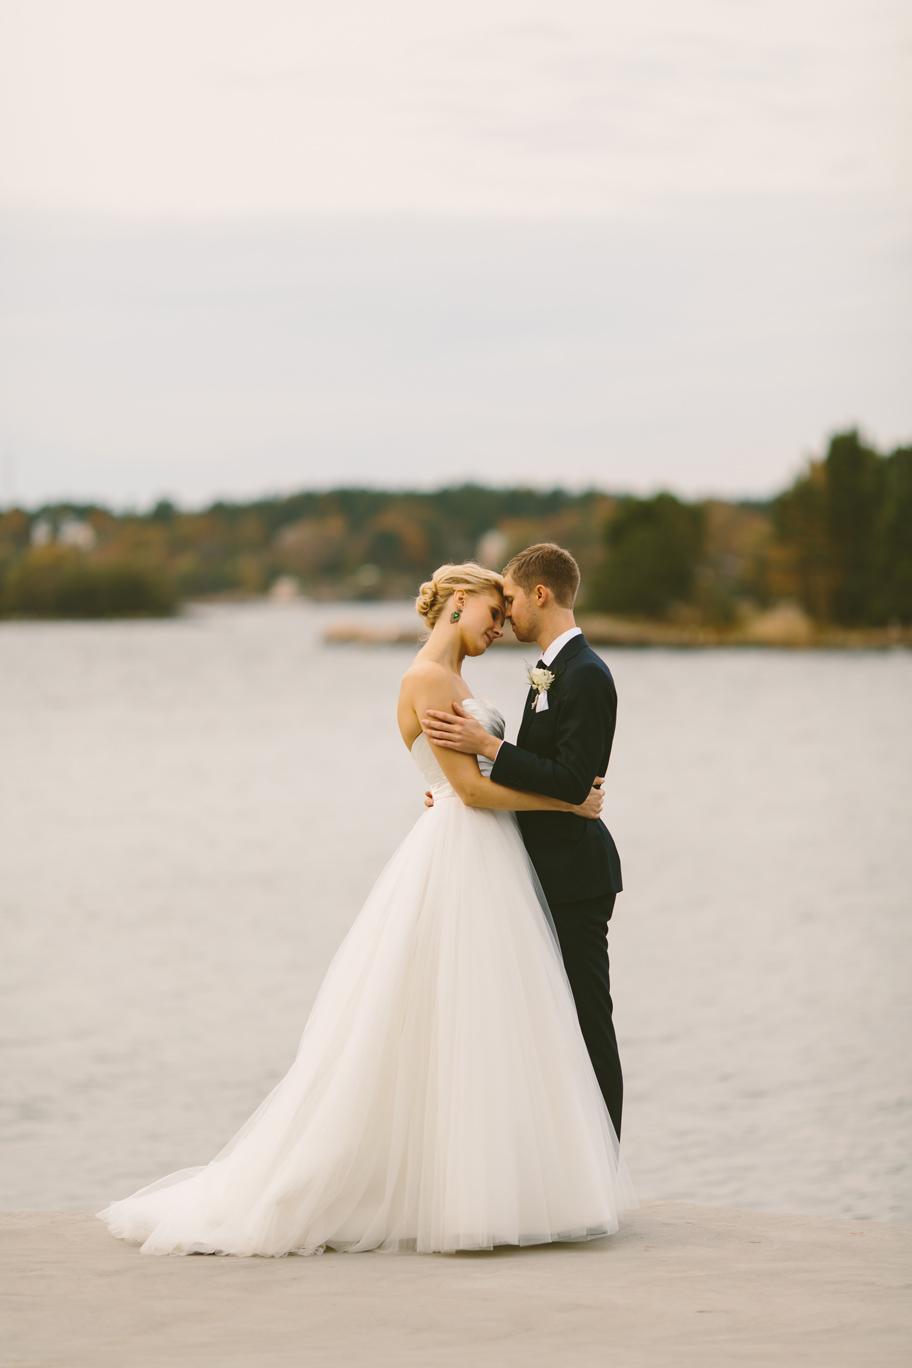 Anna-Karin och Niclas bröllop på Artipelag - 056